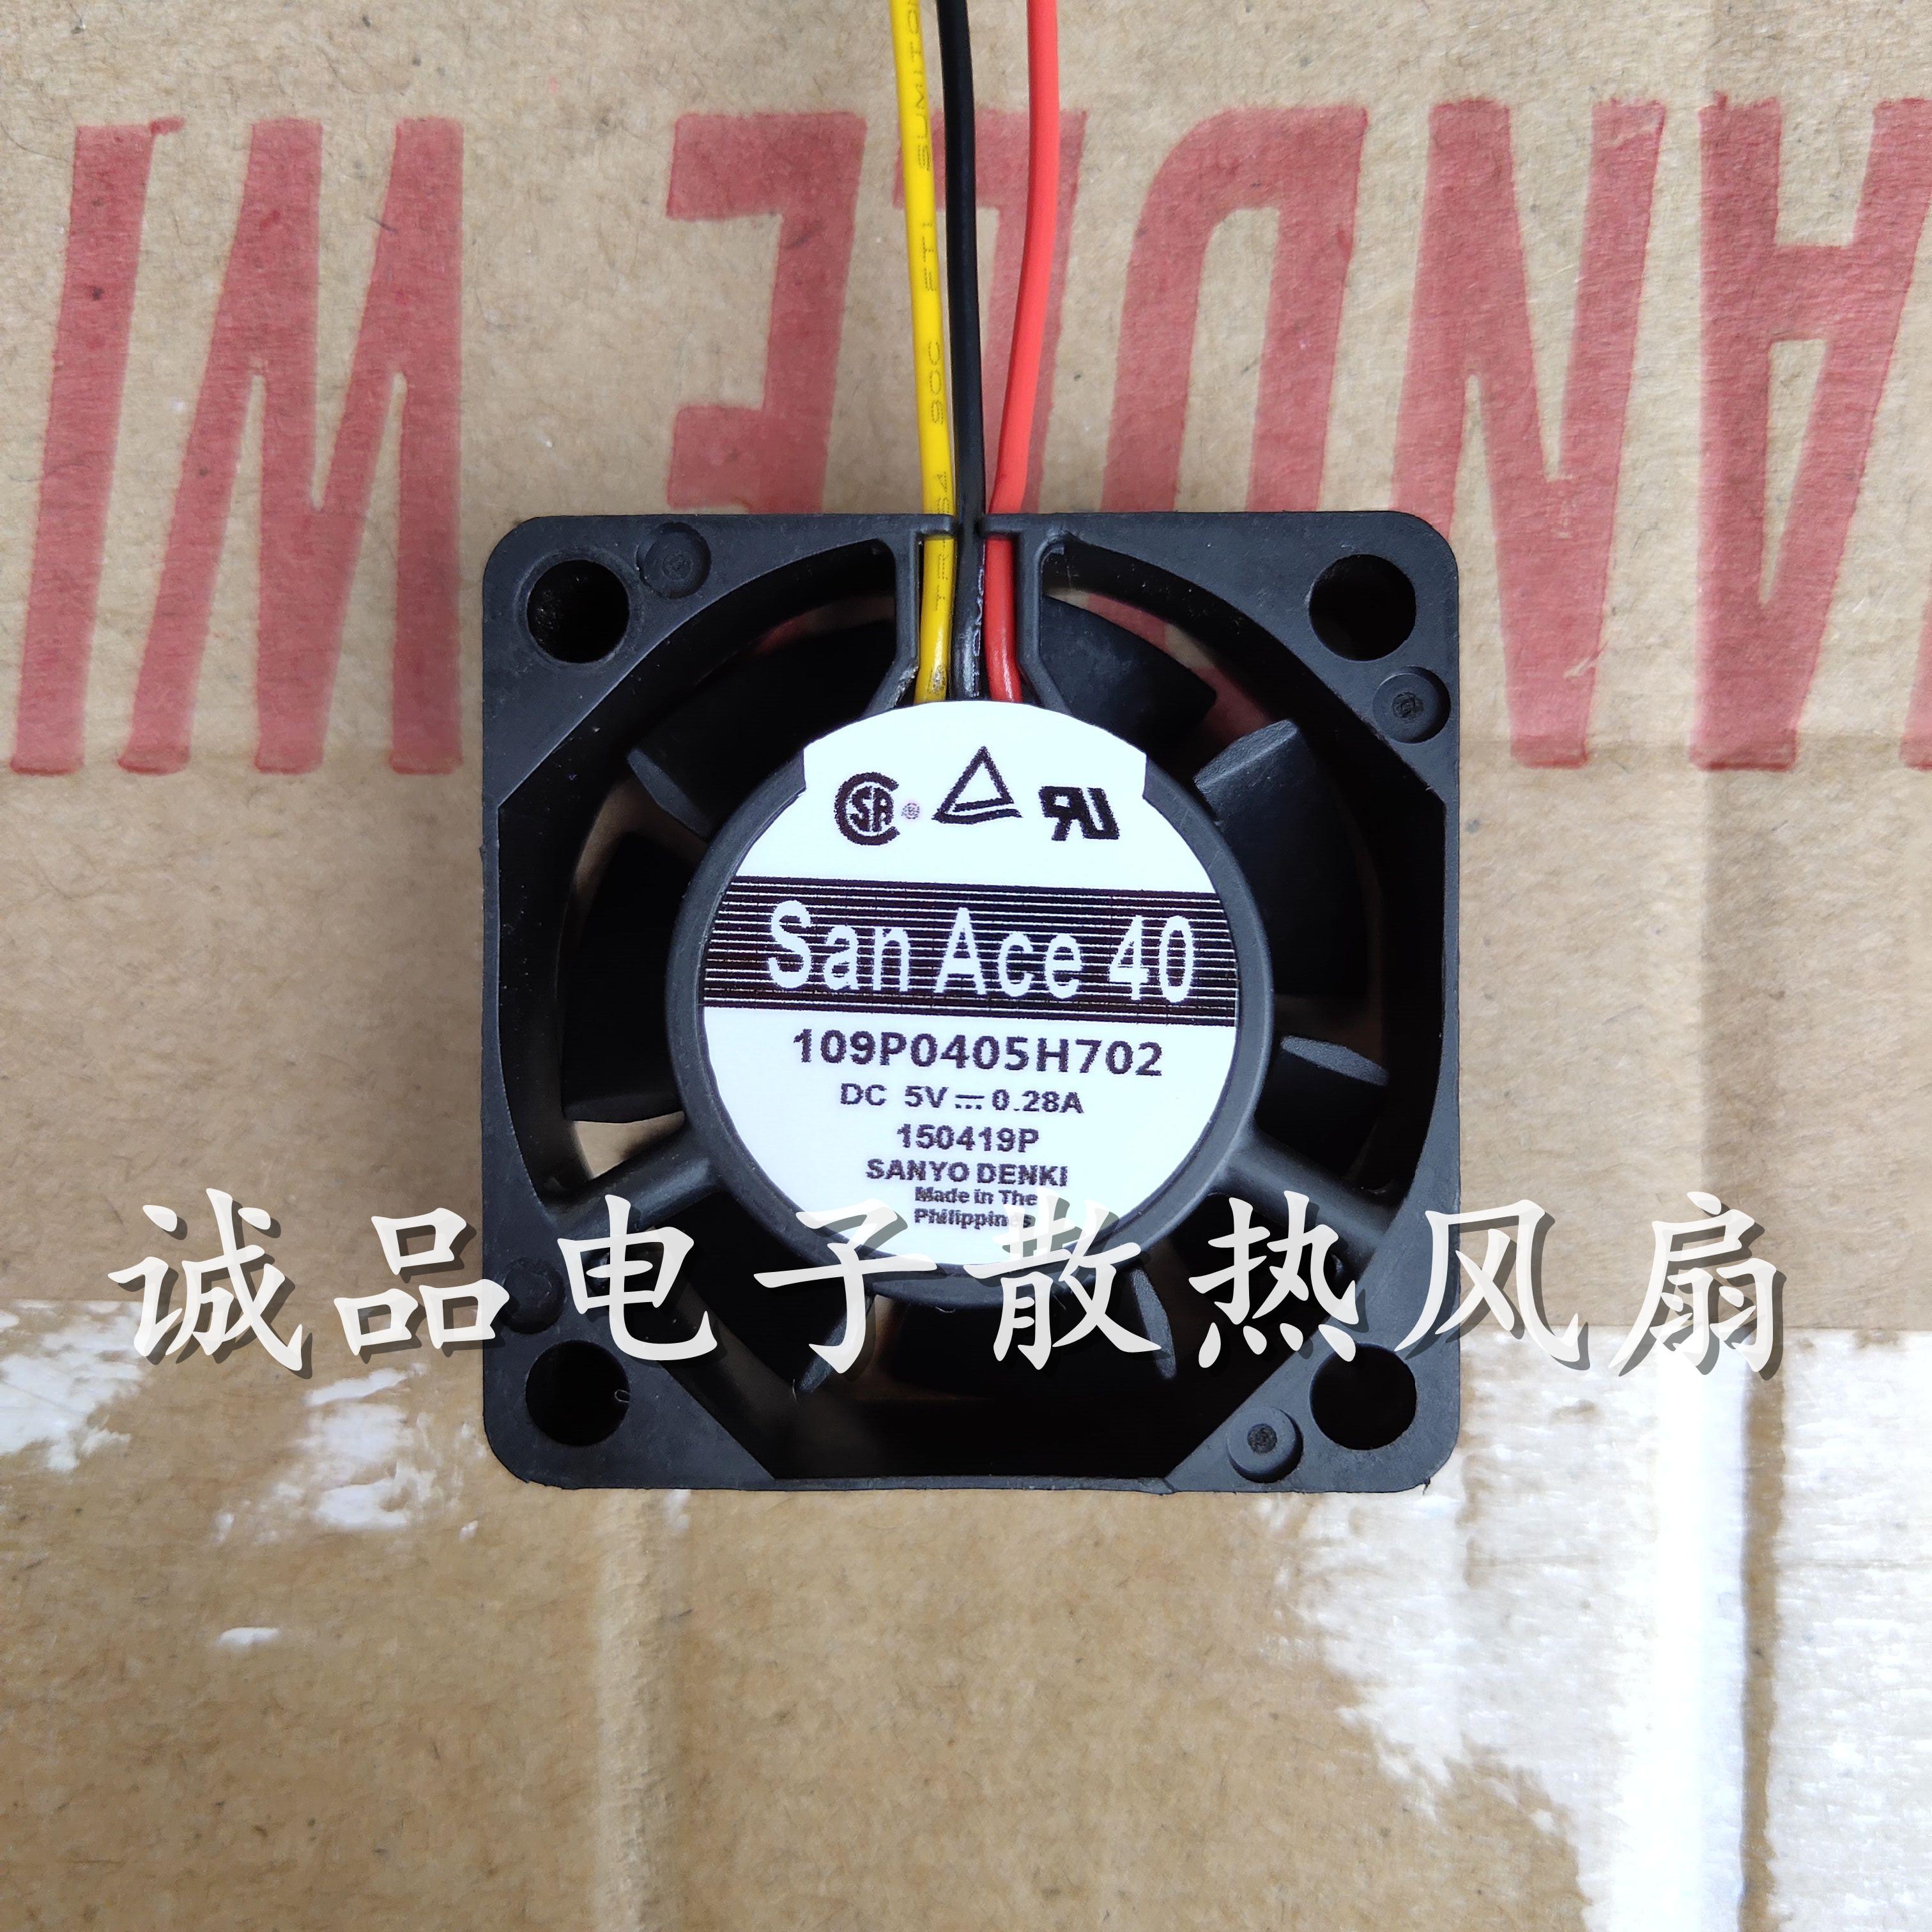 109 P 0405 H 702元は日本三洋SANYO DC 5 V 0.28 A 40*40*15 MM軸流ファンを搭載しています。